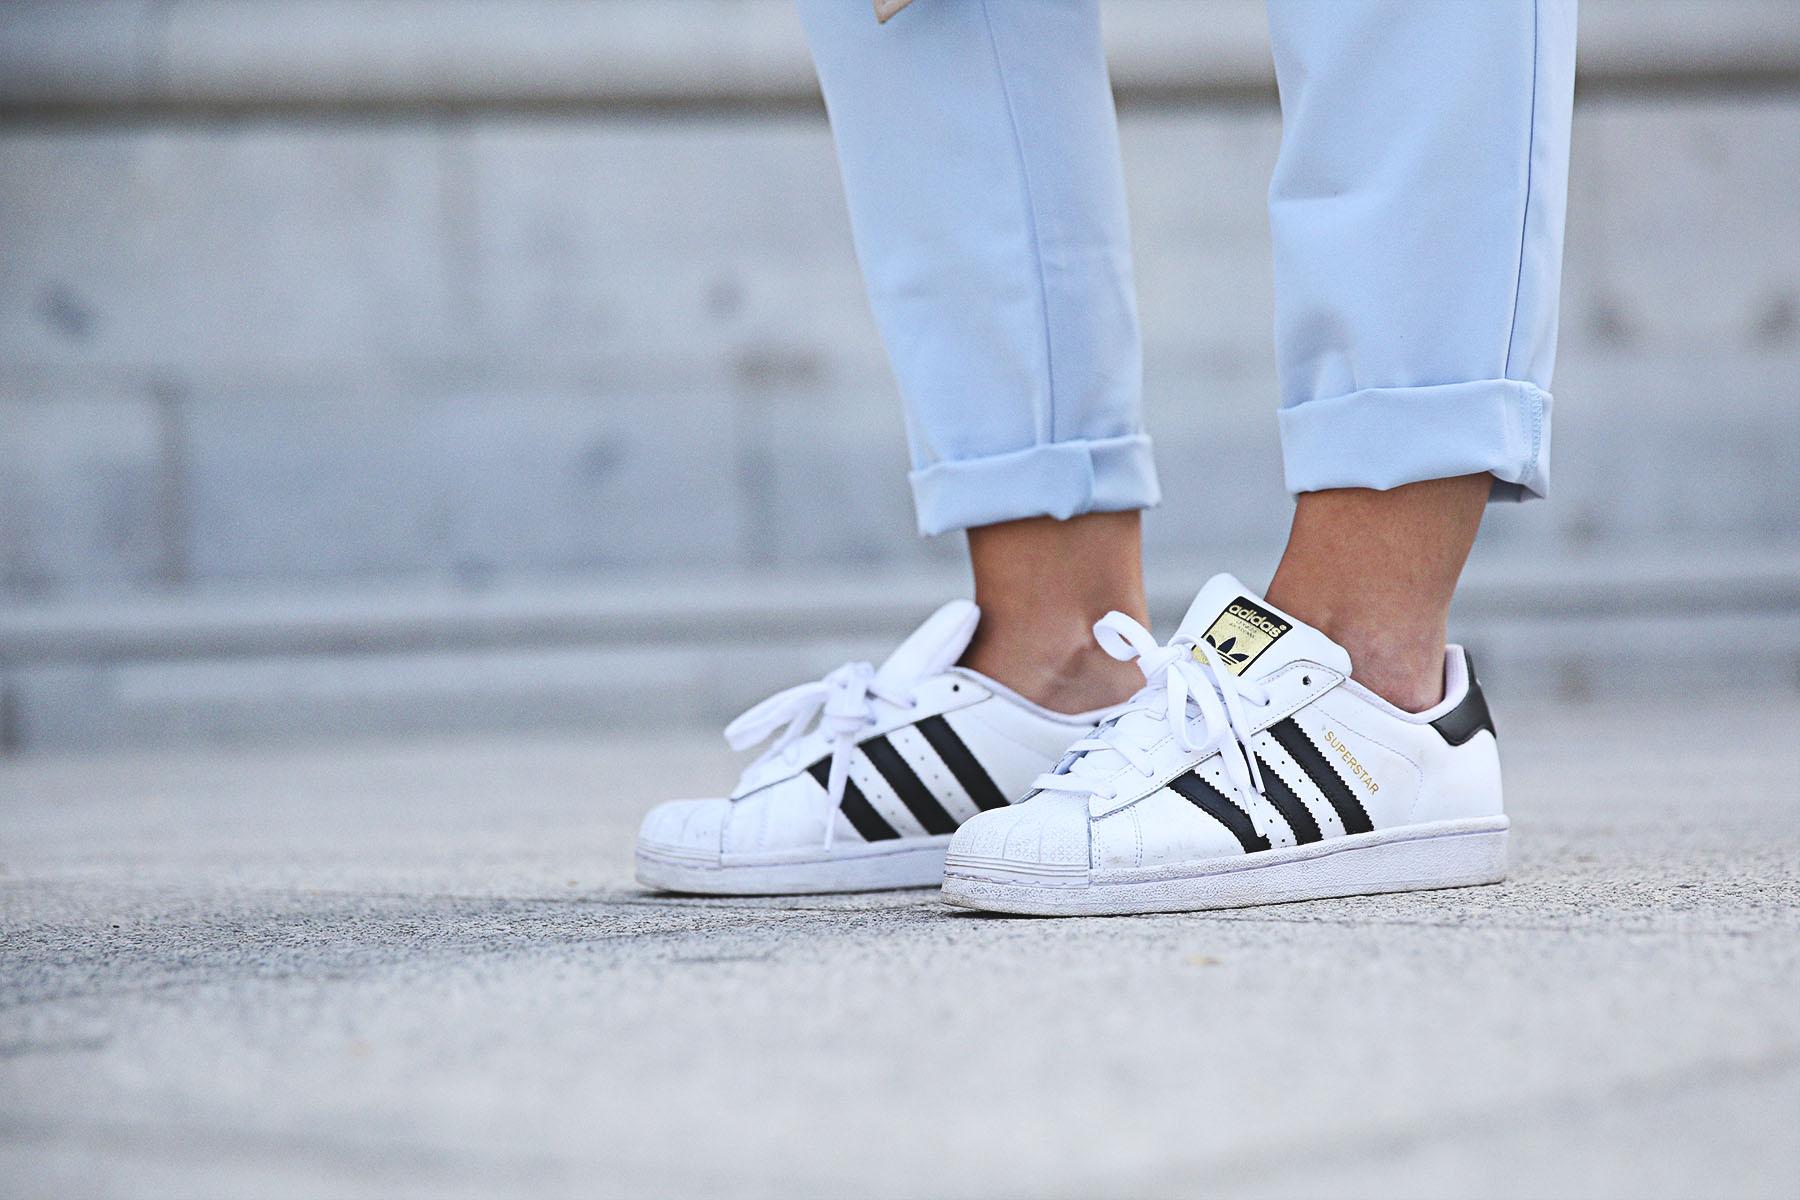 trendy-taste-look-outfit-street-style-ootd-blog-blogger-fashion-spain-moda-españa-folli-follie-shooting-trench-gabardina-adidas-superstar-camiseta-basica-basic-tee-10